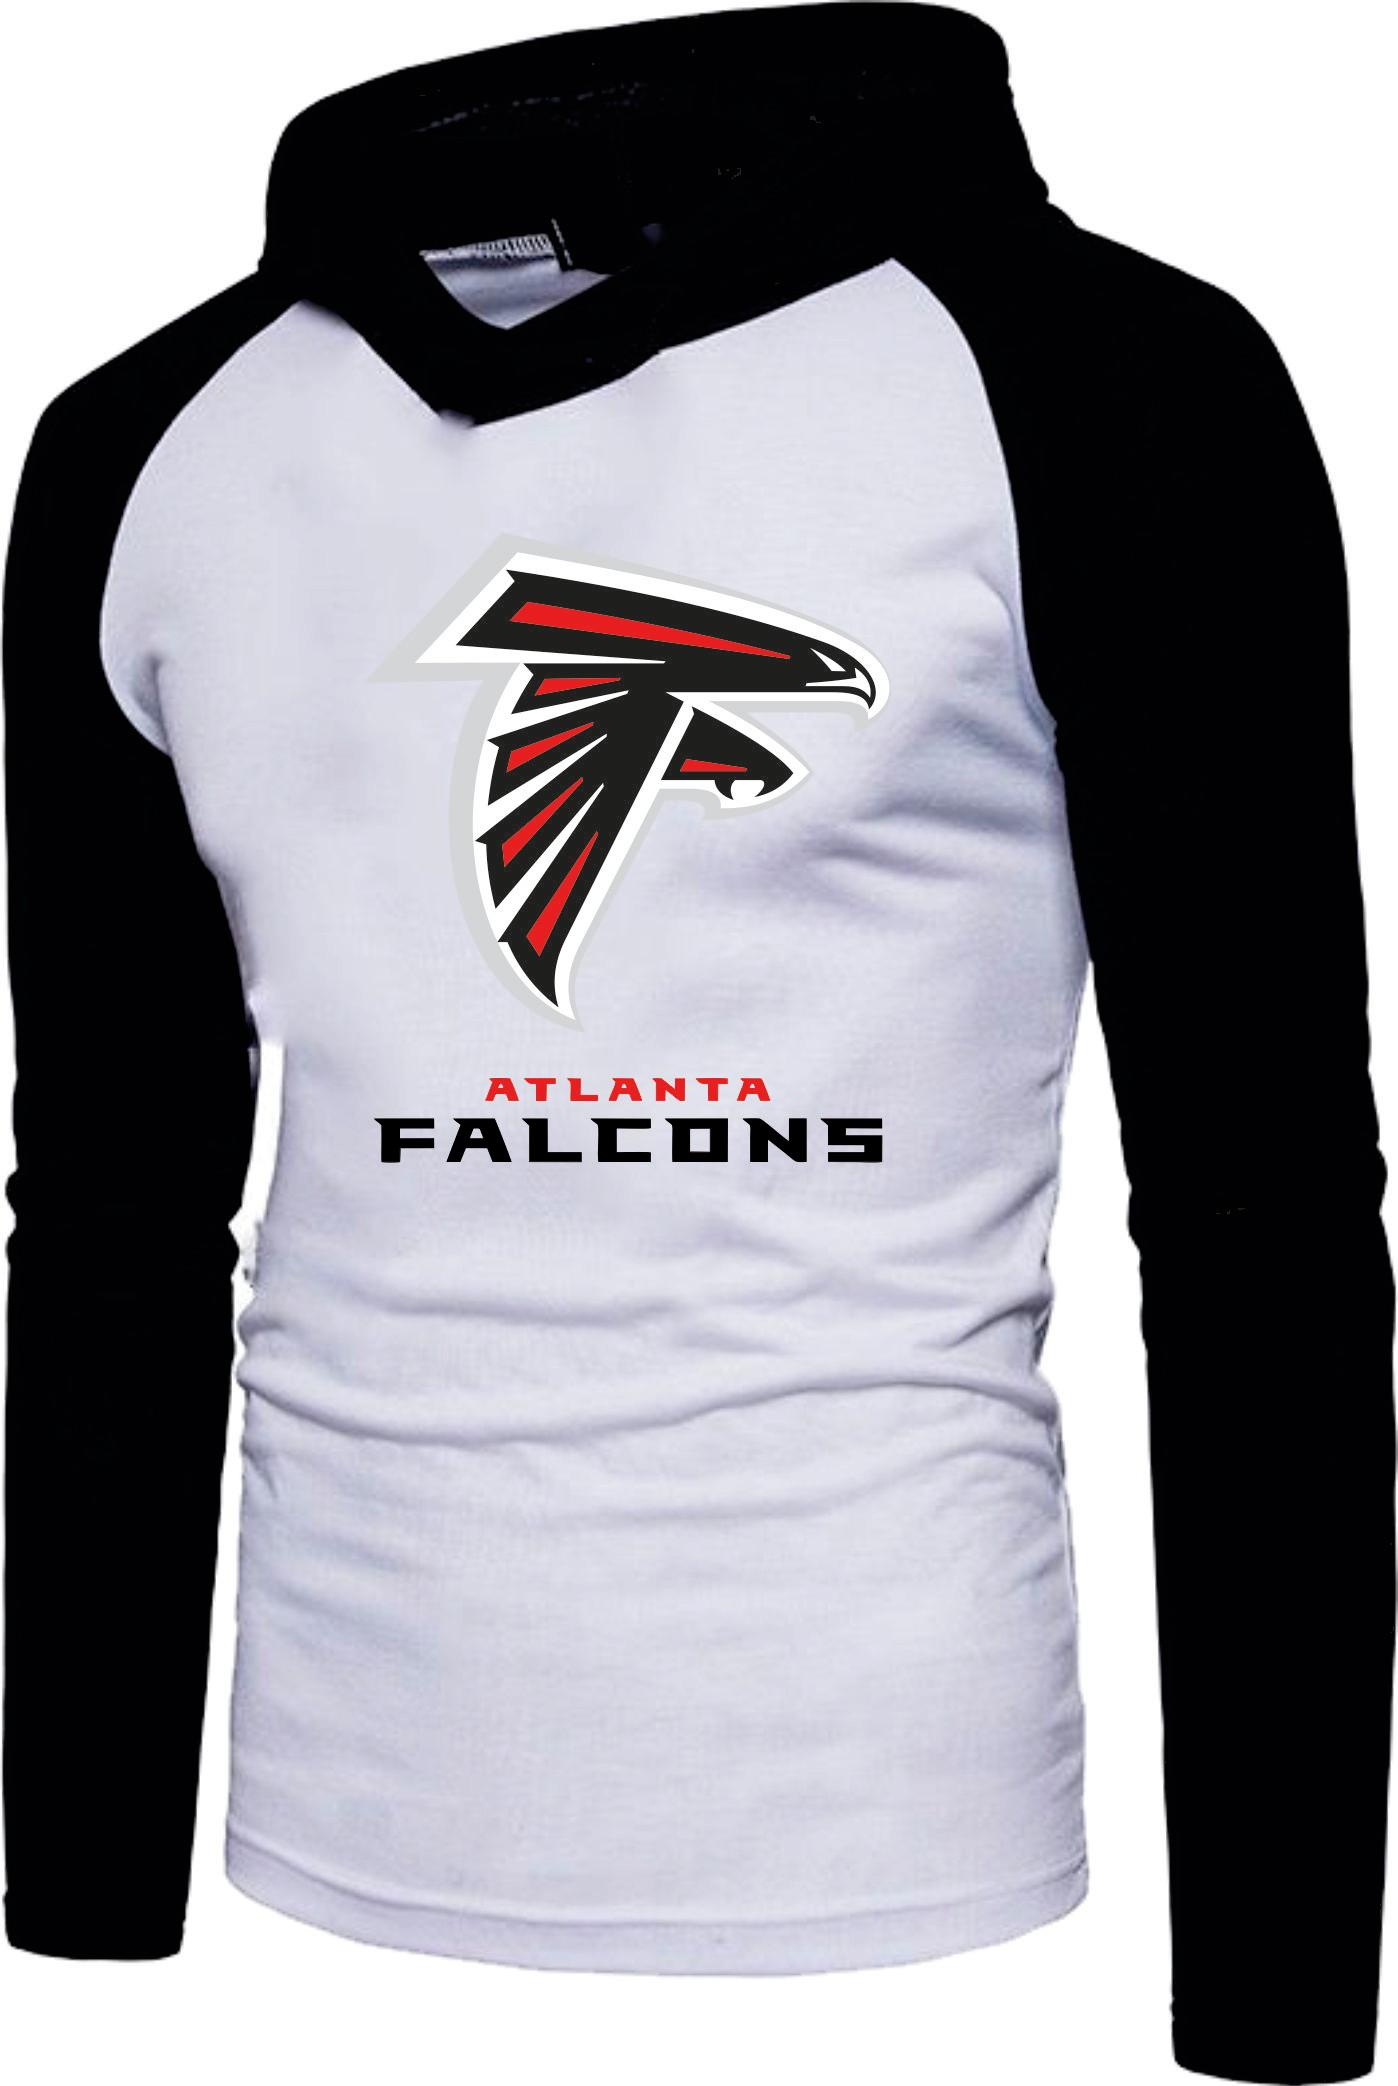 2db9ad07e8984 Camiseta Feminina Atlanta Falcons